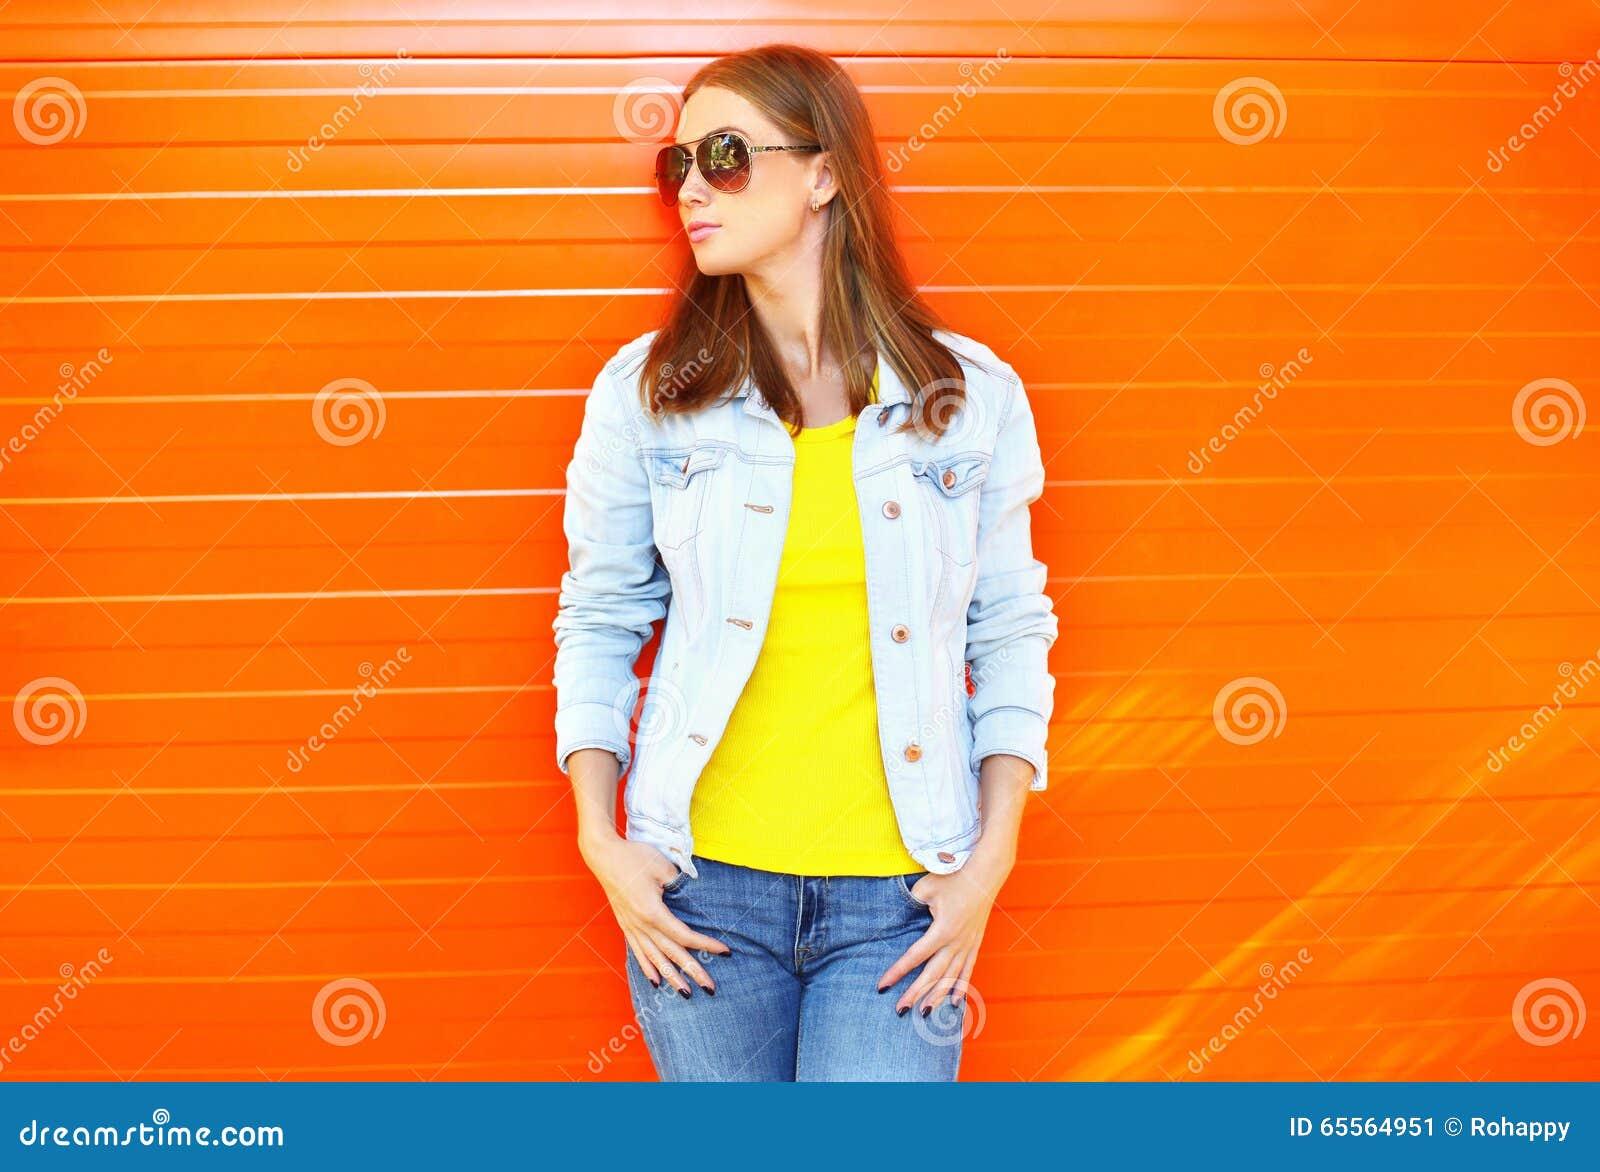 Los Mujer La Bonito El Vaqueros Llevar Gafas Sol Chaqueta Y De A1qnz4I